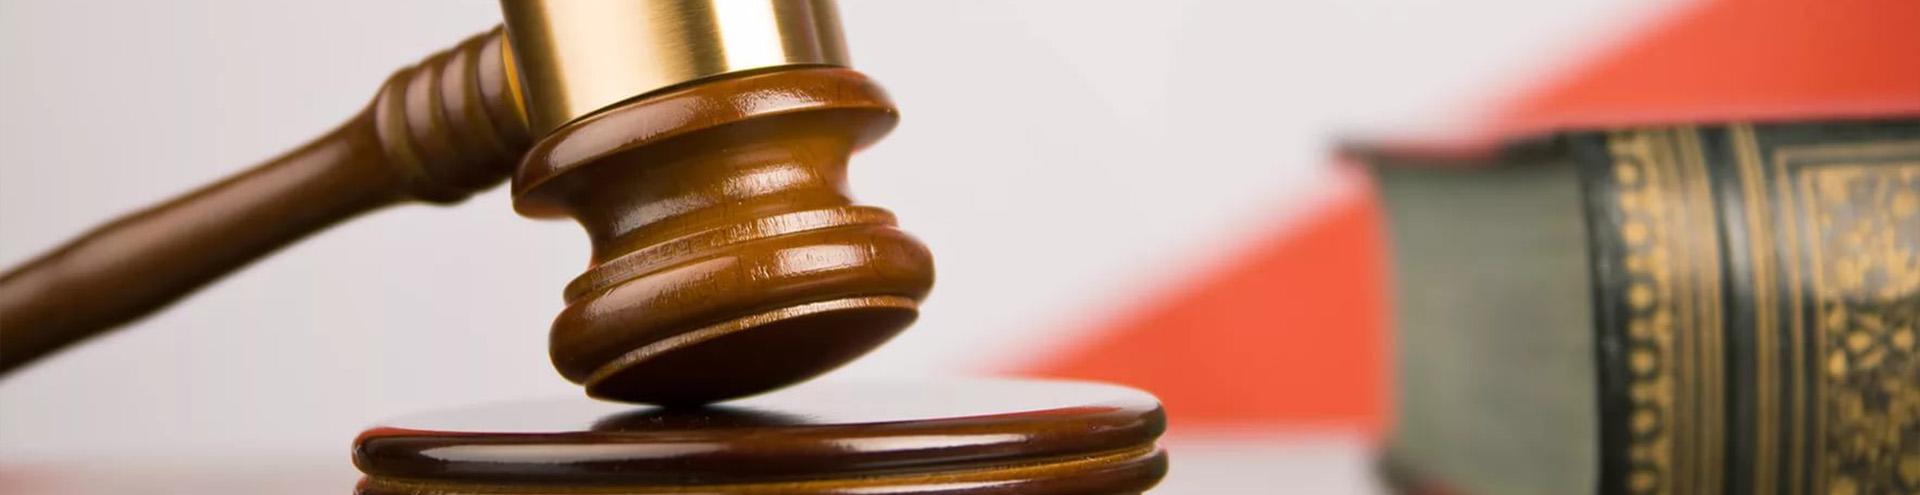 выдача судебного приказа в Саратове и Саратовской области